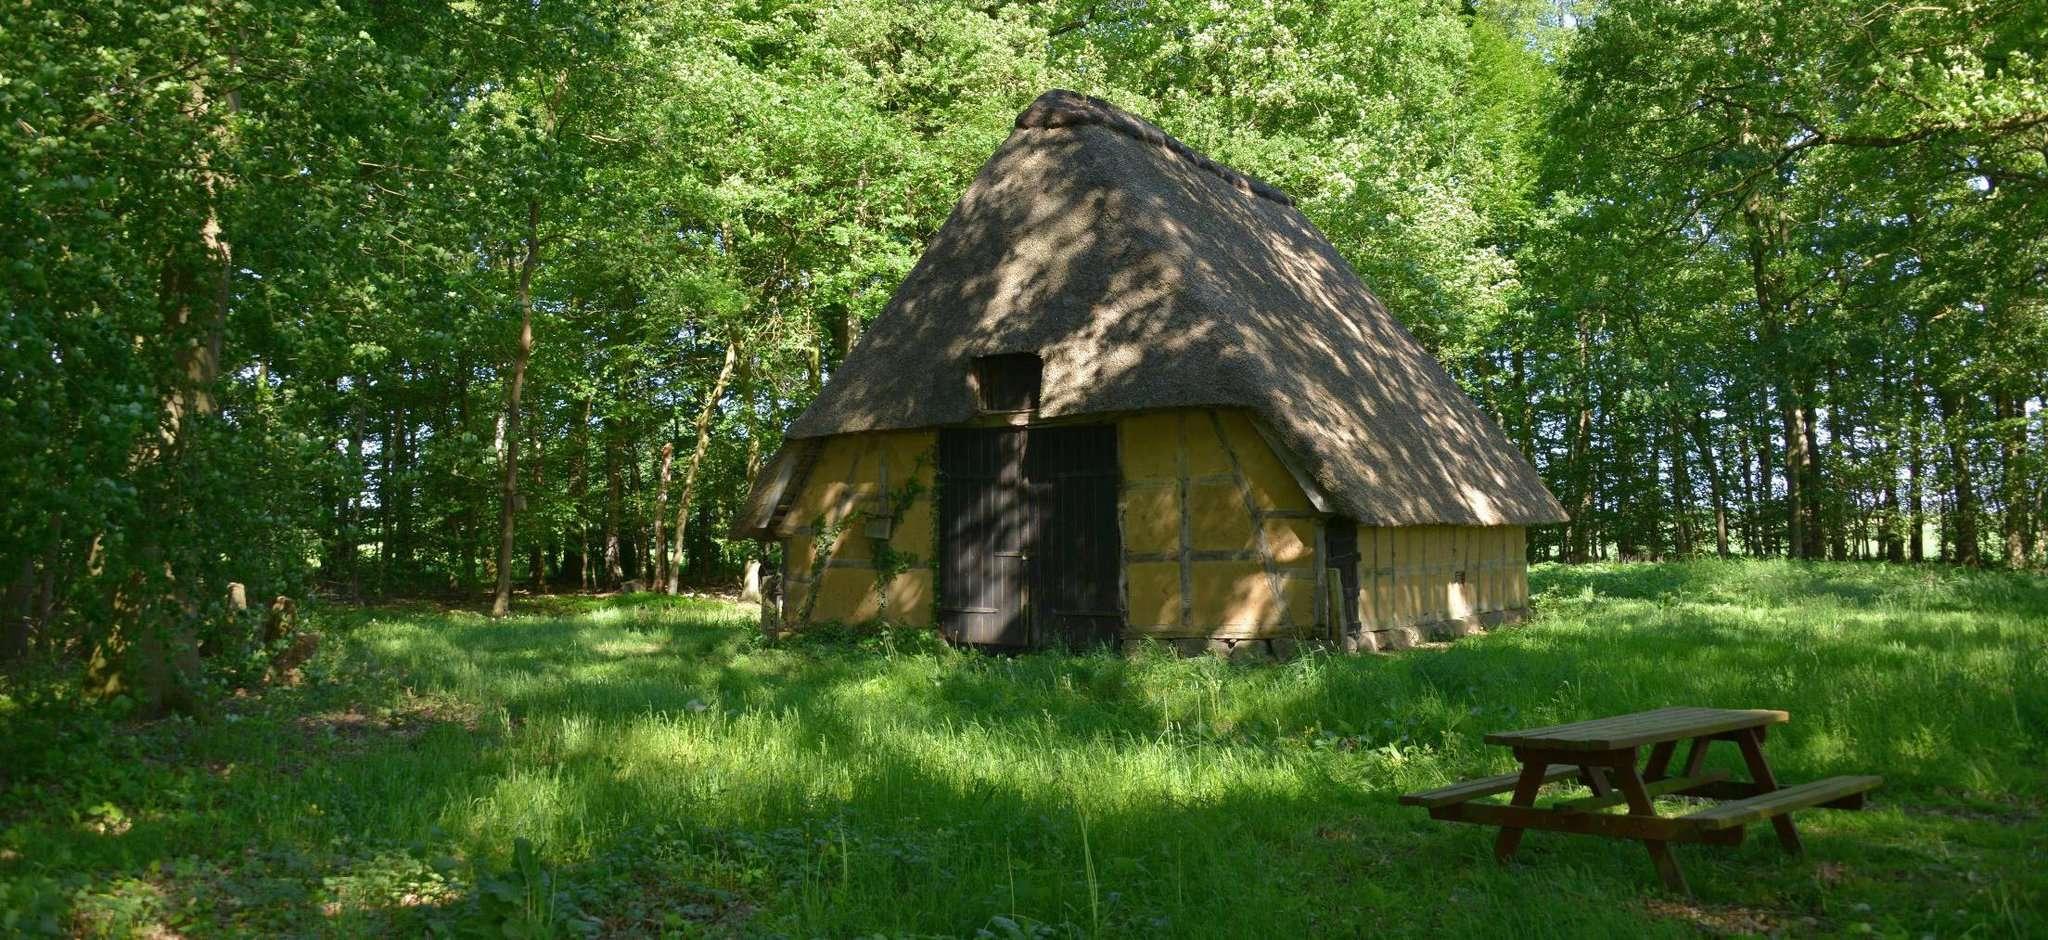 Der alte Schafstall gibt ein Zeugnis davon, dass es hier einst ausgedehnte Heideflächen gab. Foto: Joachim Looks